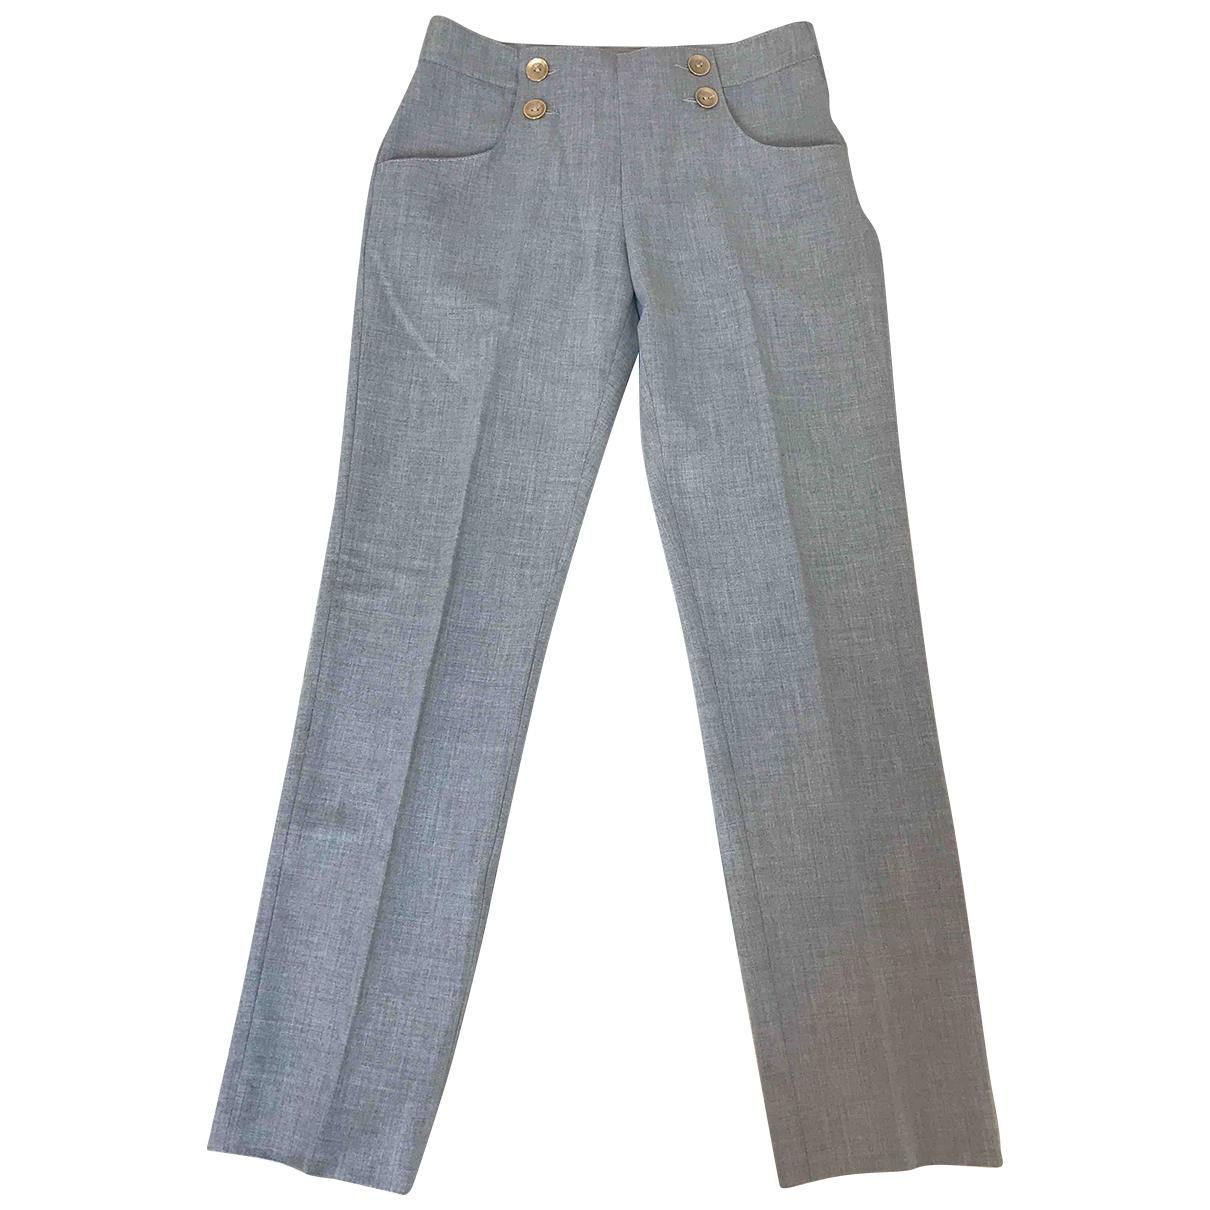 Pantalon recto Armani Jeans